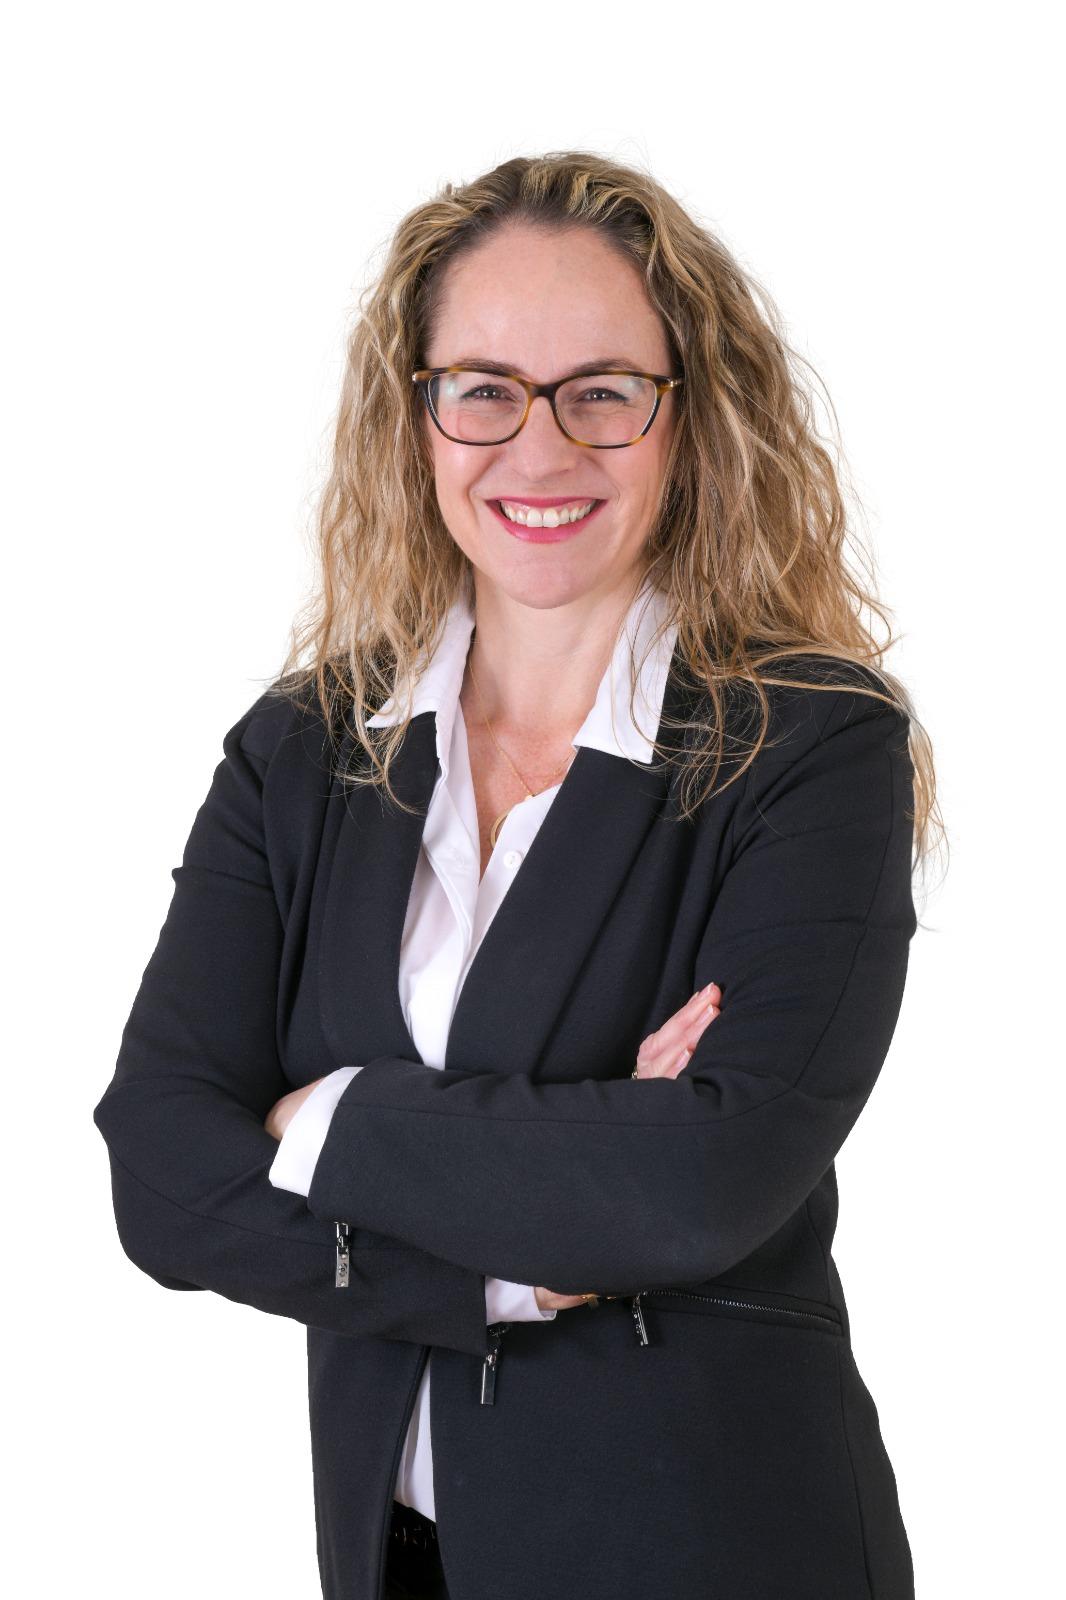 אילנה פרידמן שאשא